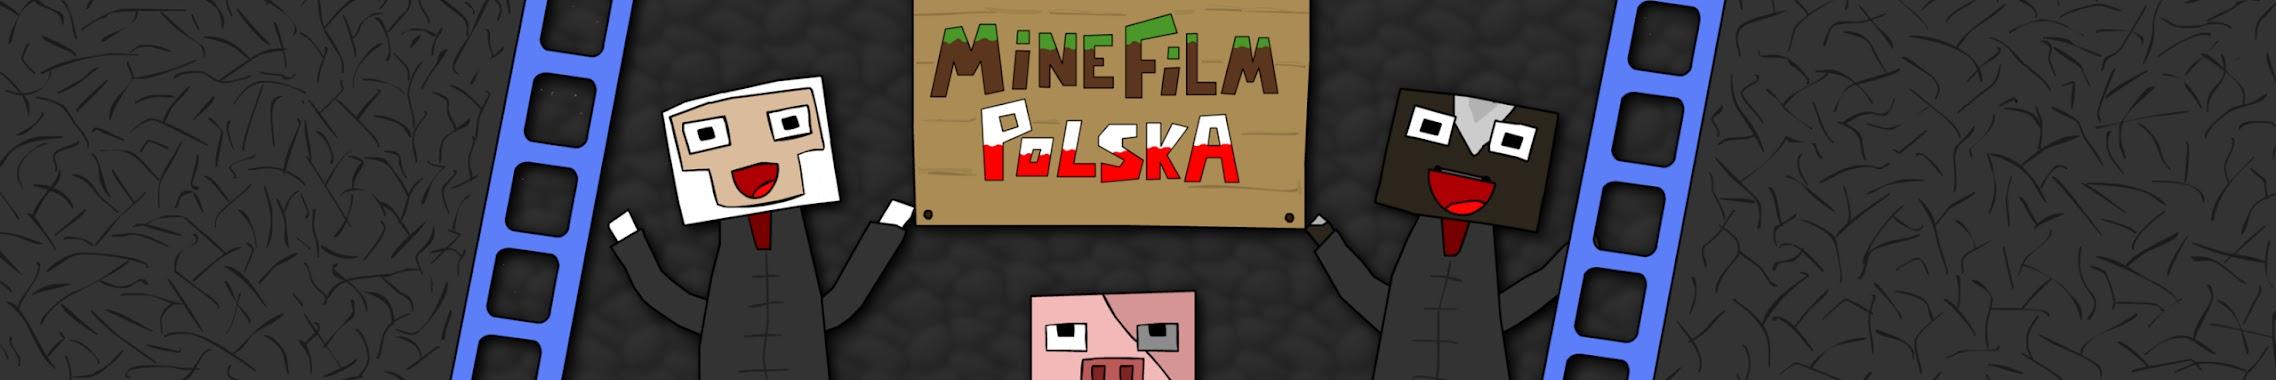 MineFilm Polska